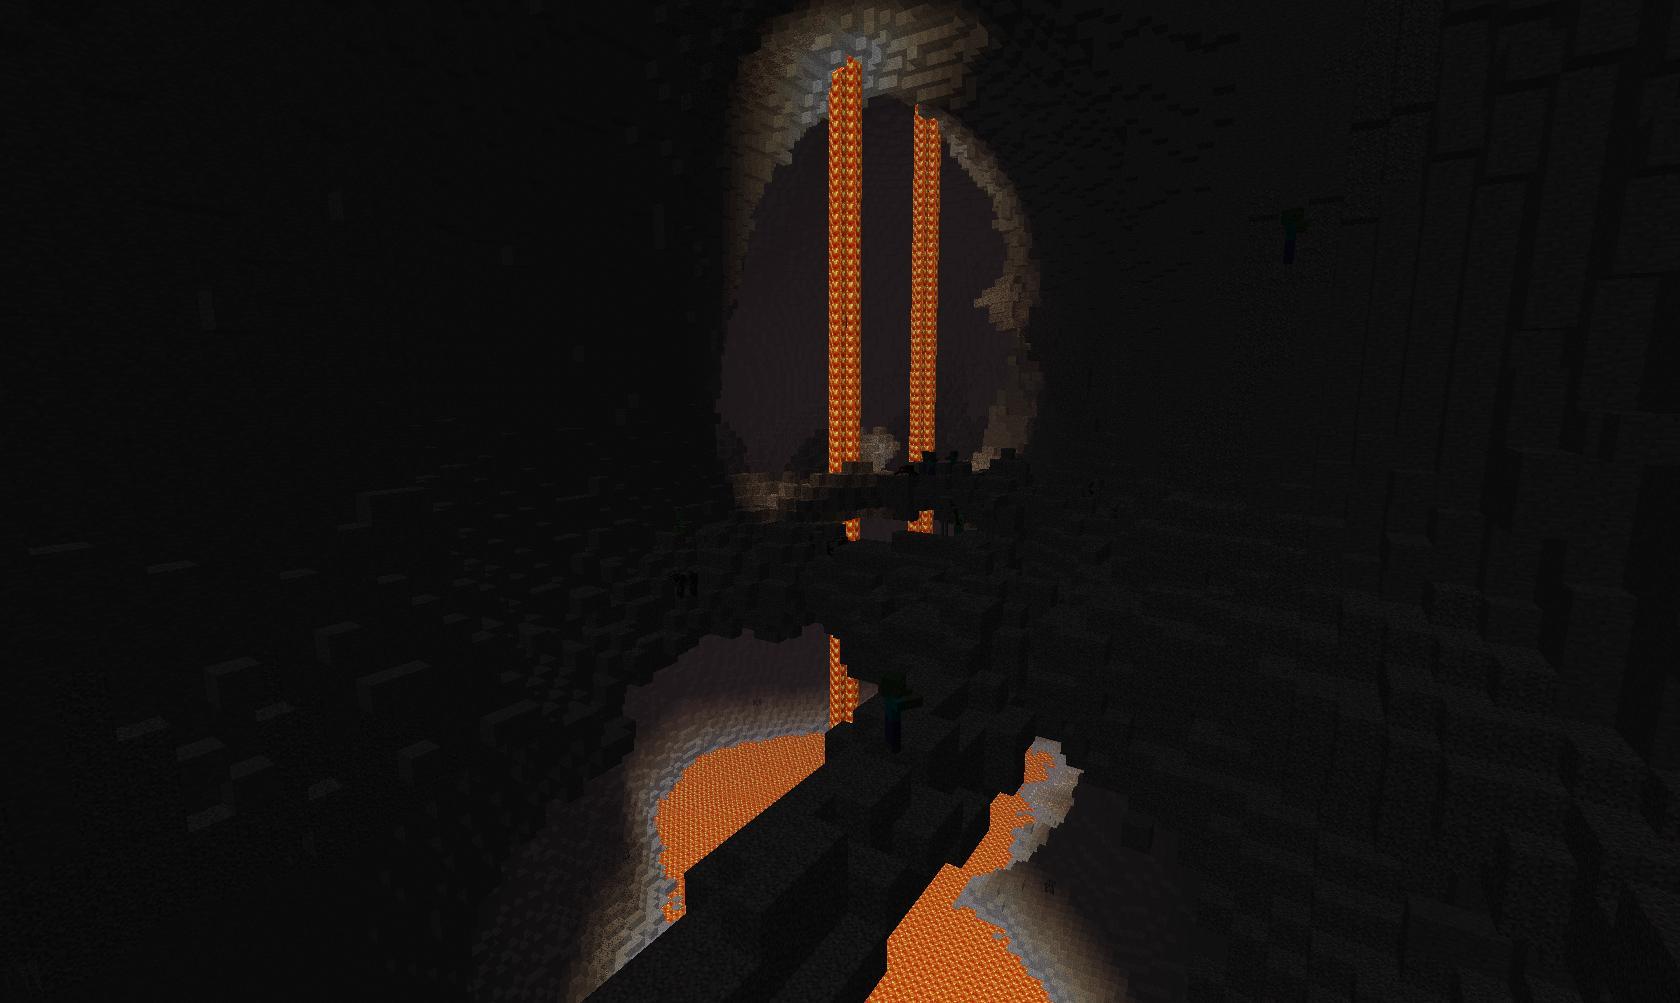 карты для майнкрафт прохождение в пещере #9